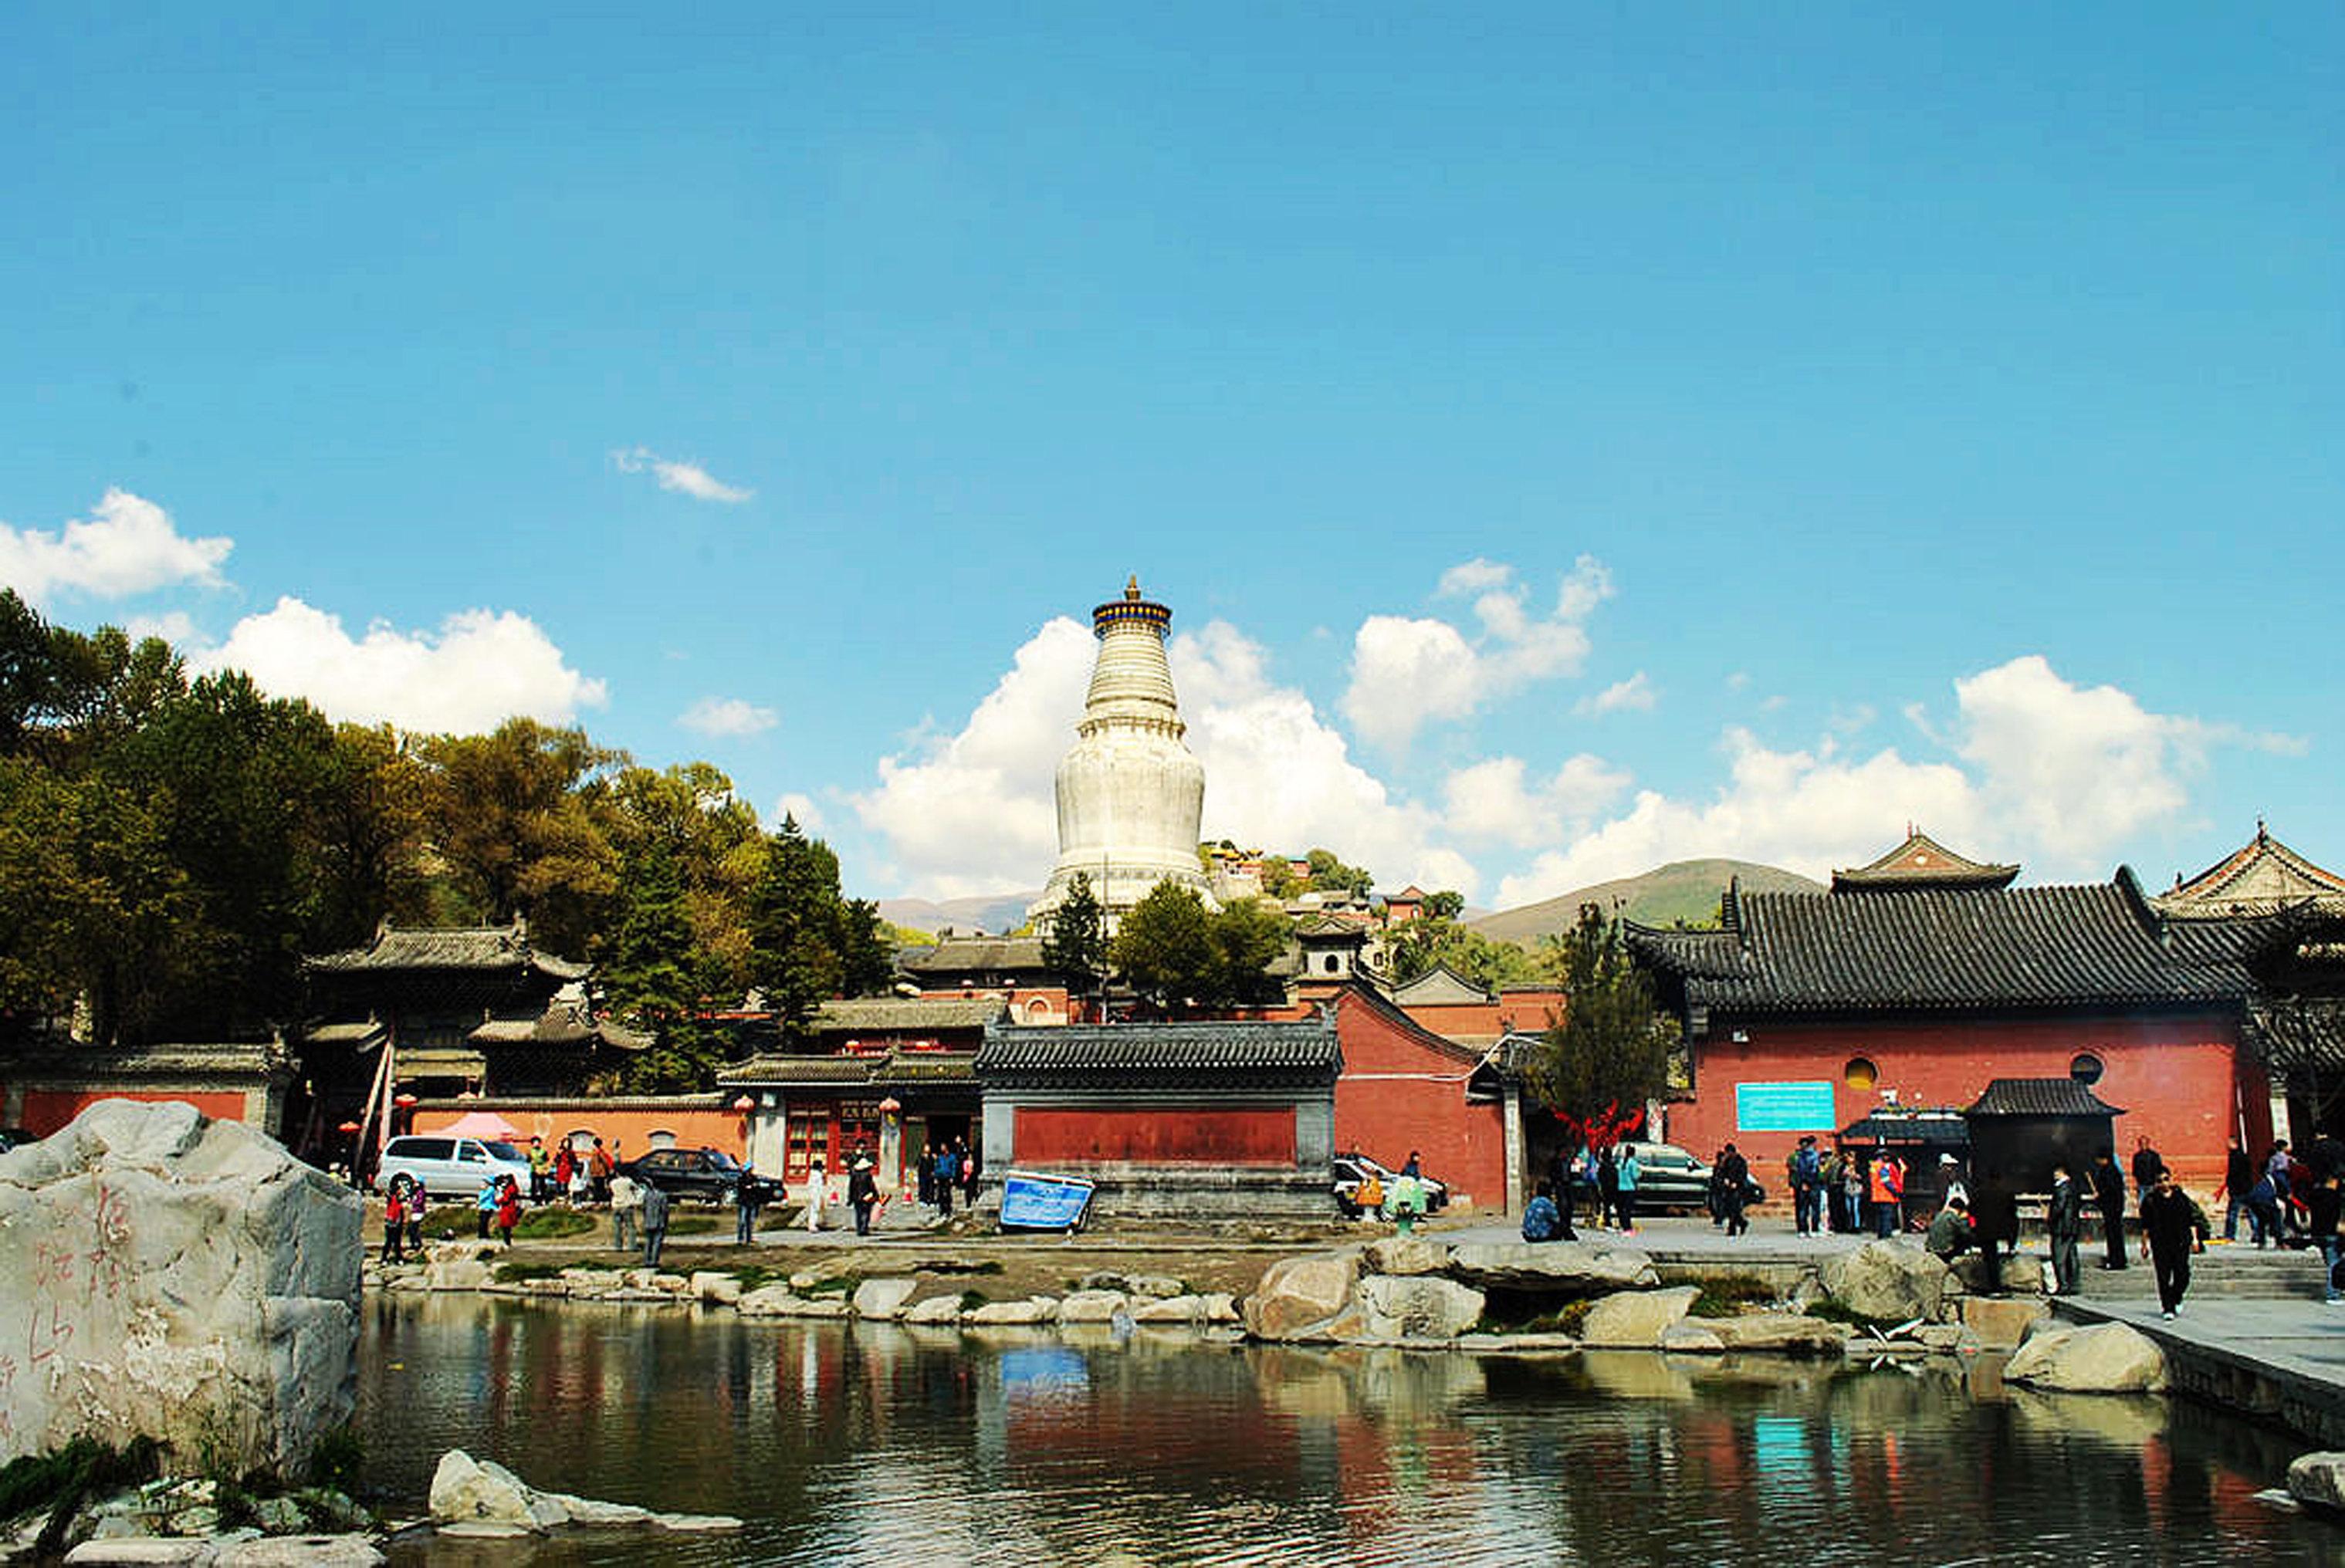 北京附近有什么比较适合旅游城市啊?